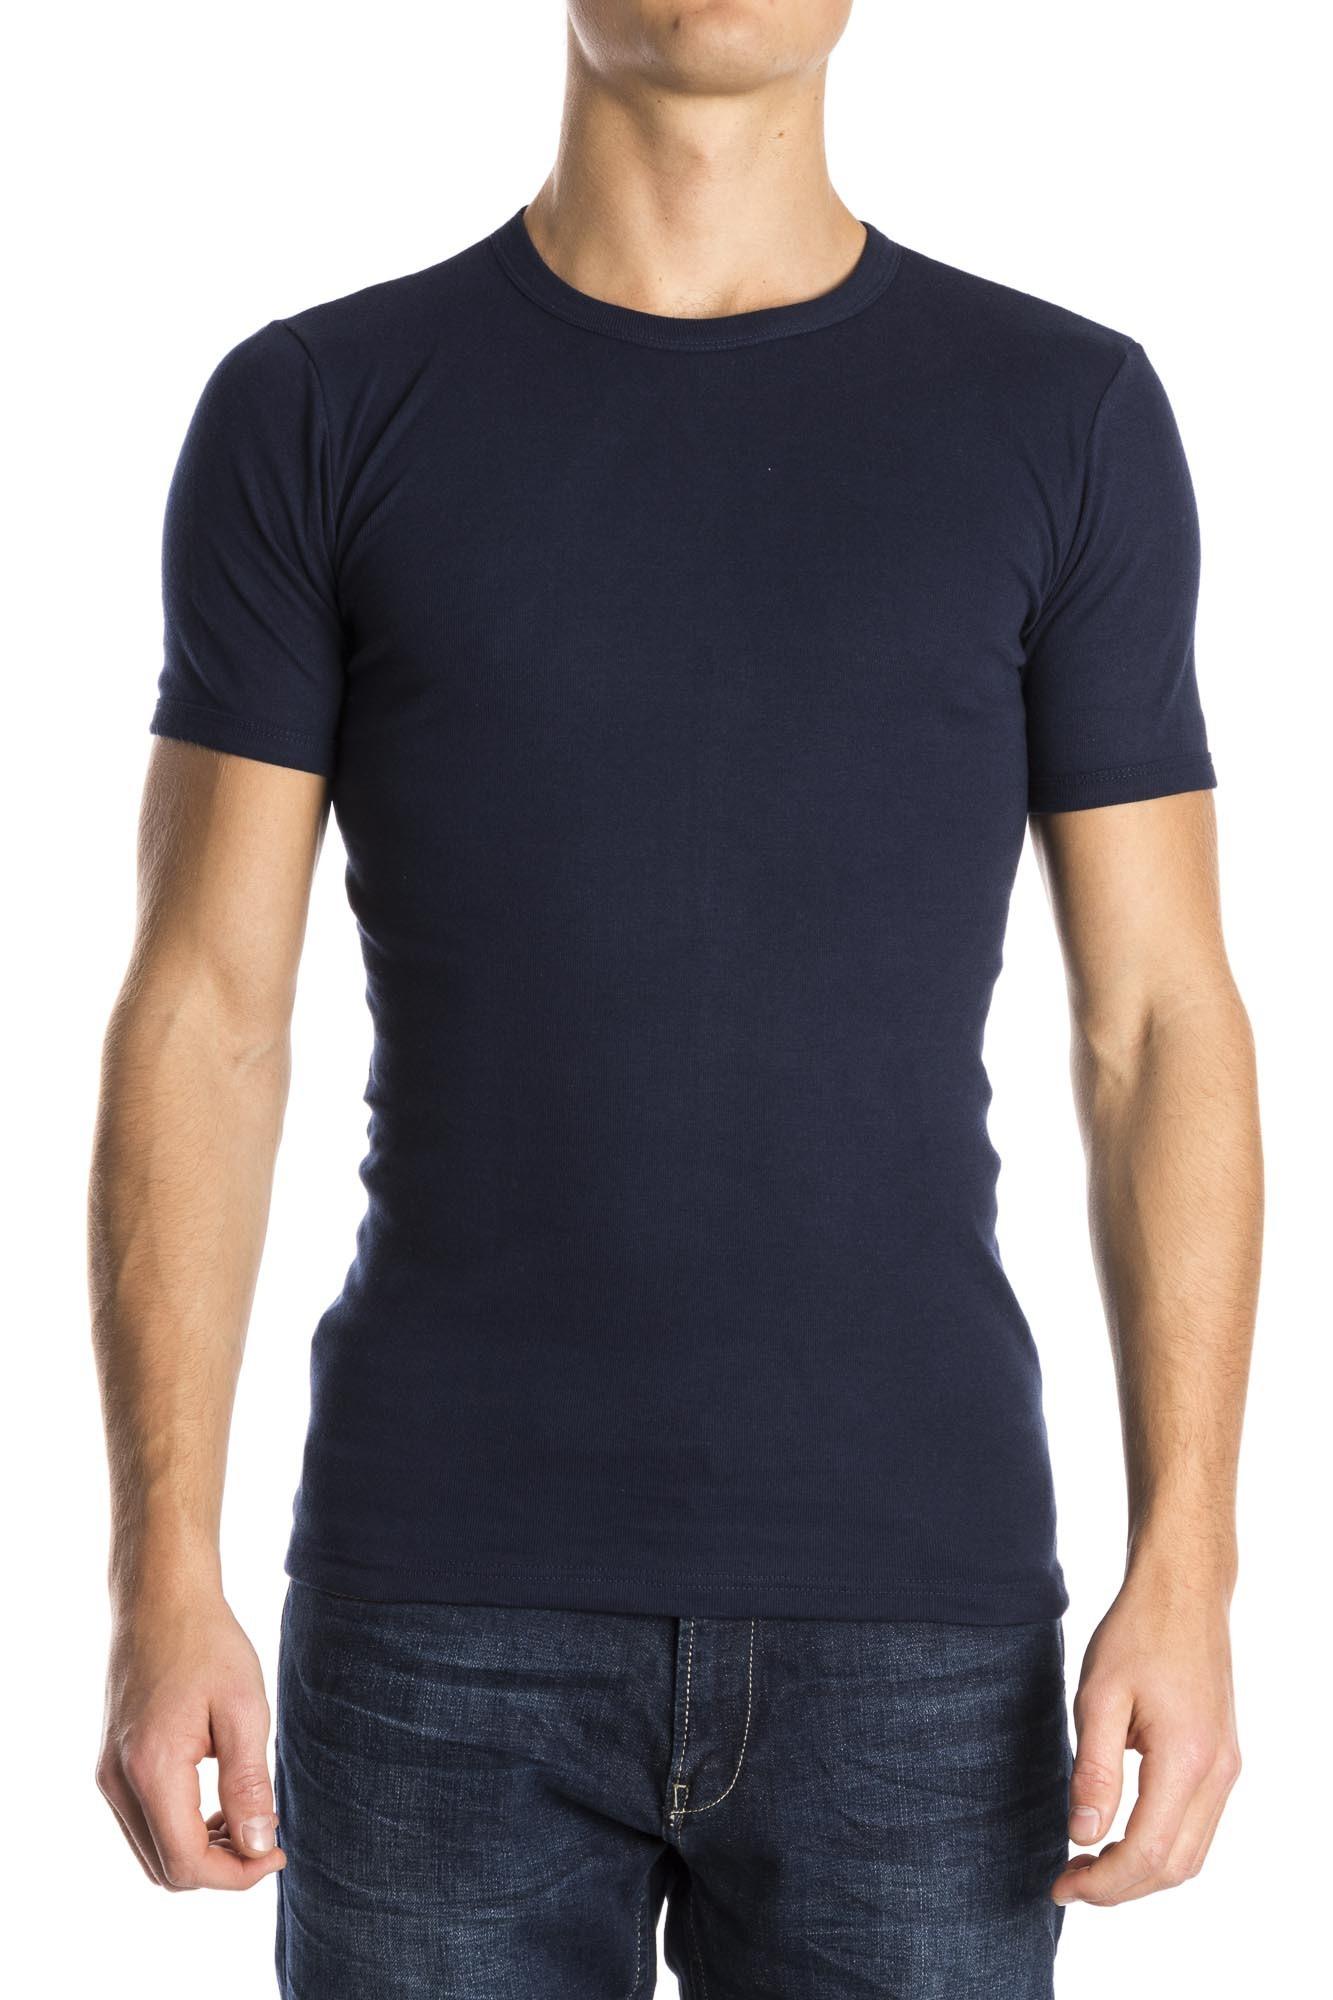 Men Ronde Pack Blauw T Shirt Hals Beeren 3 xfnSqC